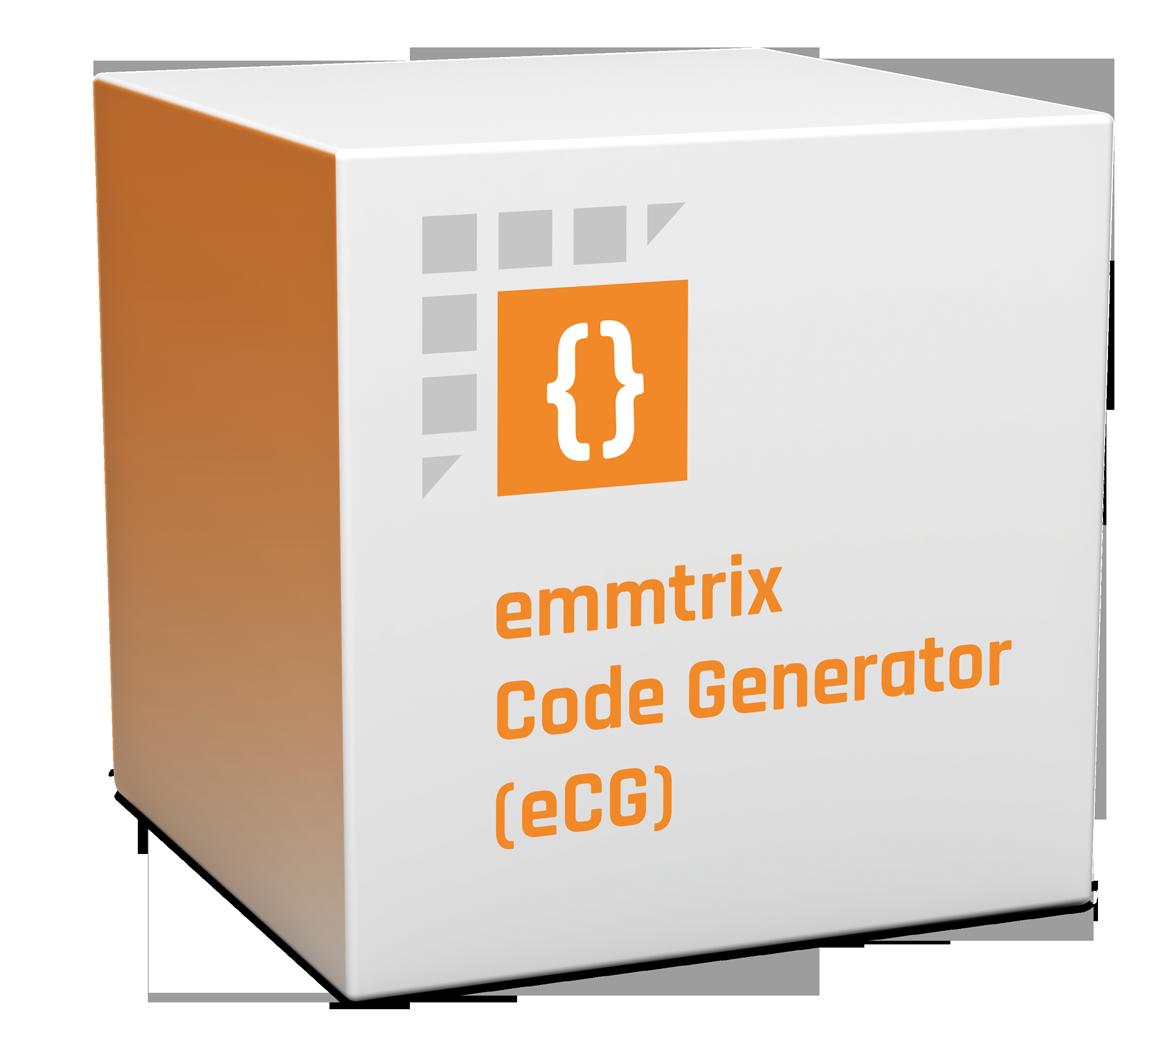 emmtrix Code Generator (eCG) | emmtrix Technologies